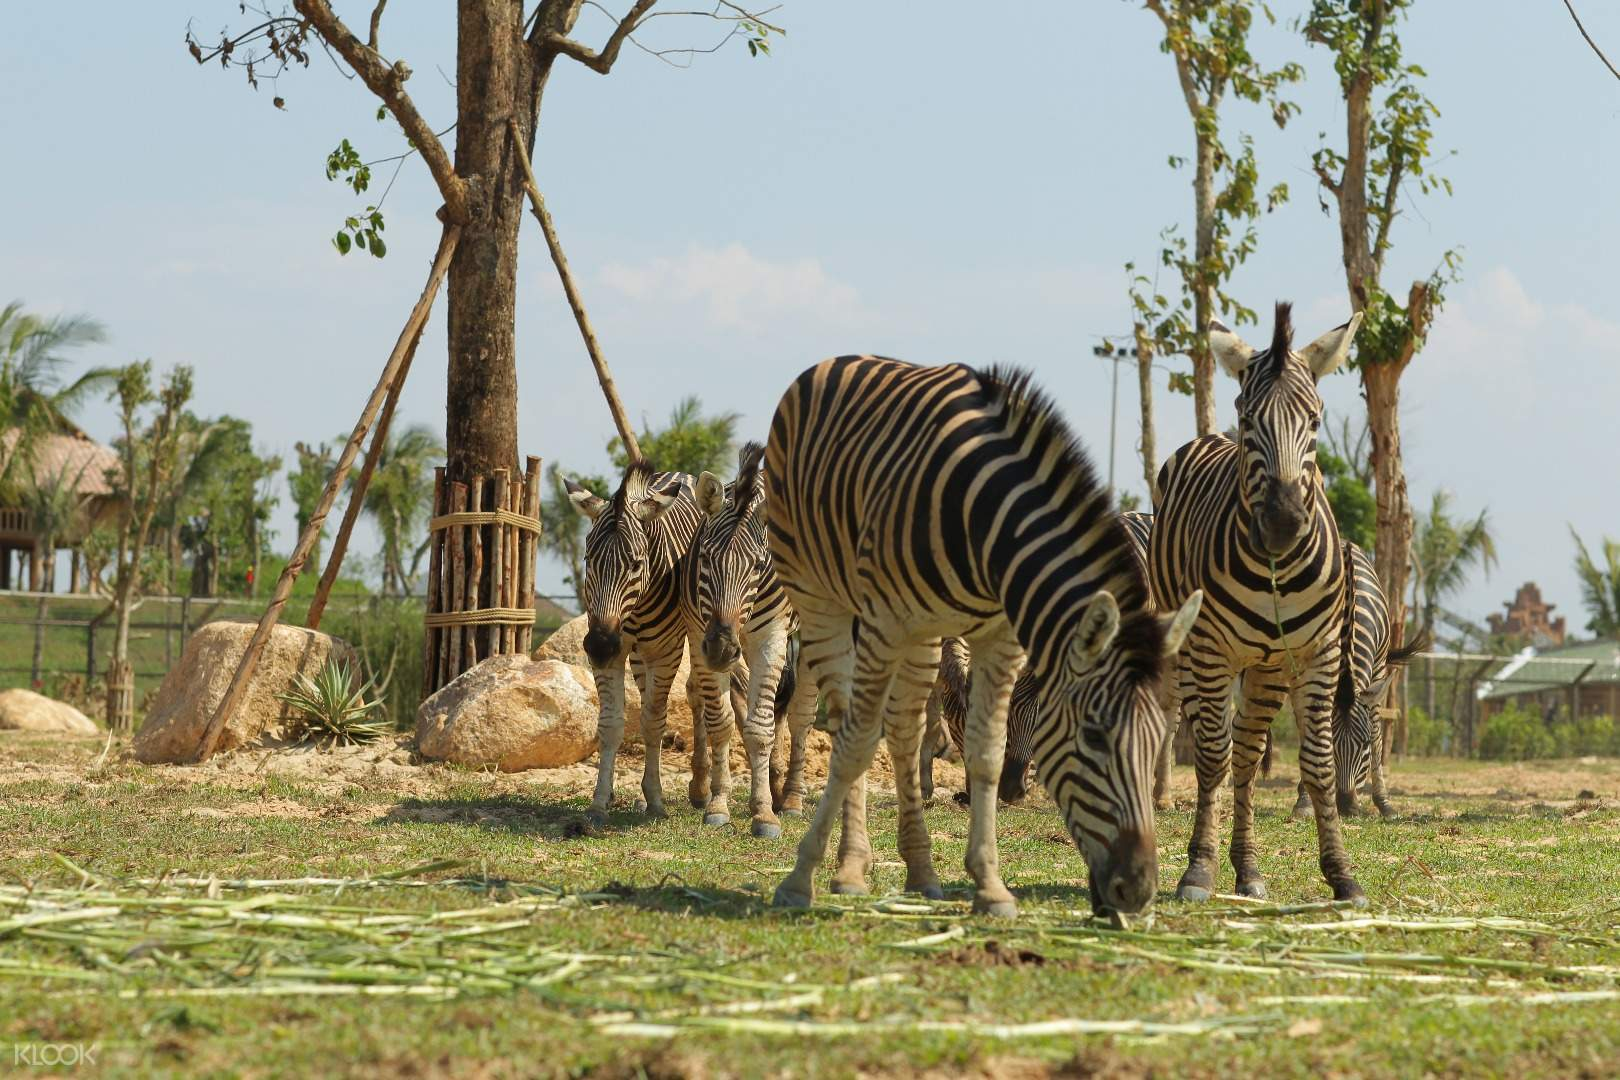 Những loài thú ở đây đều được sống trong hệ sinh thái phù hợp với tập tính sinh học của chúng